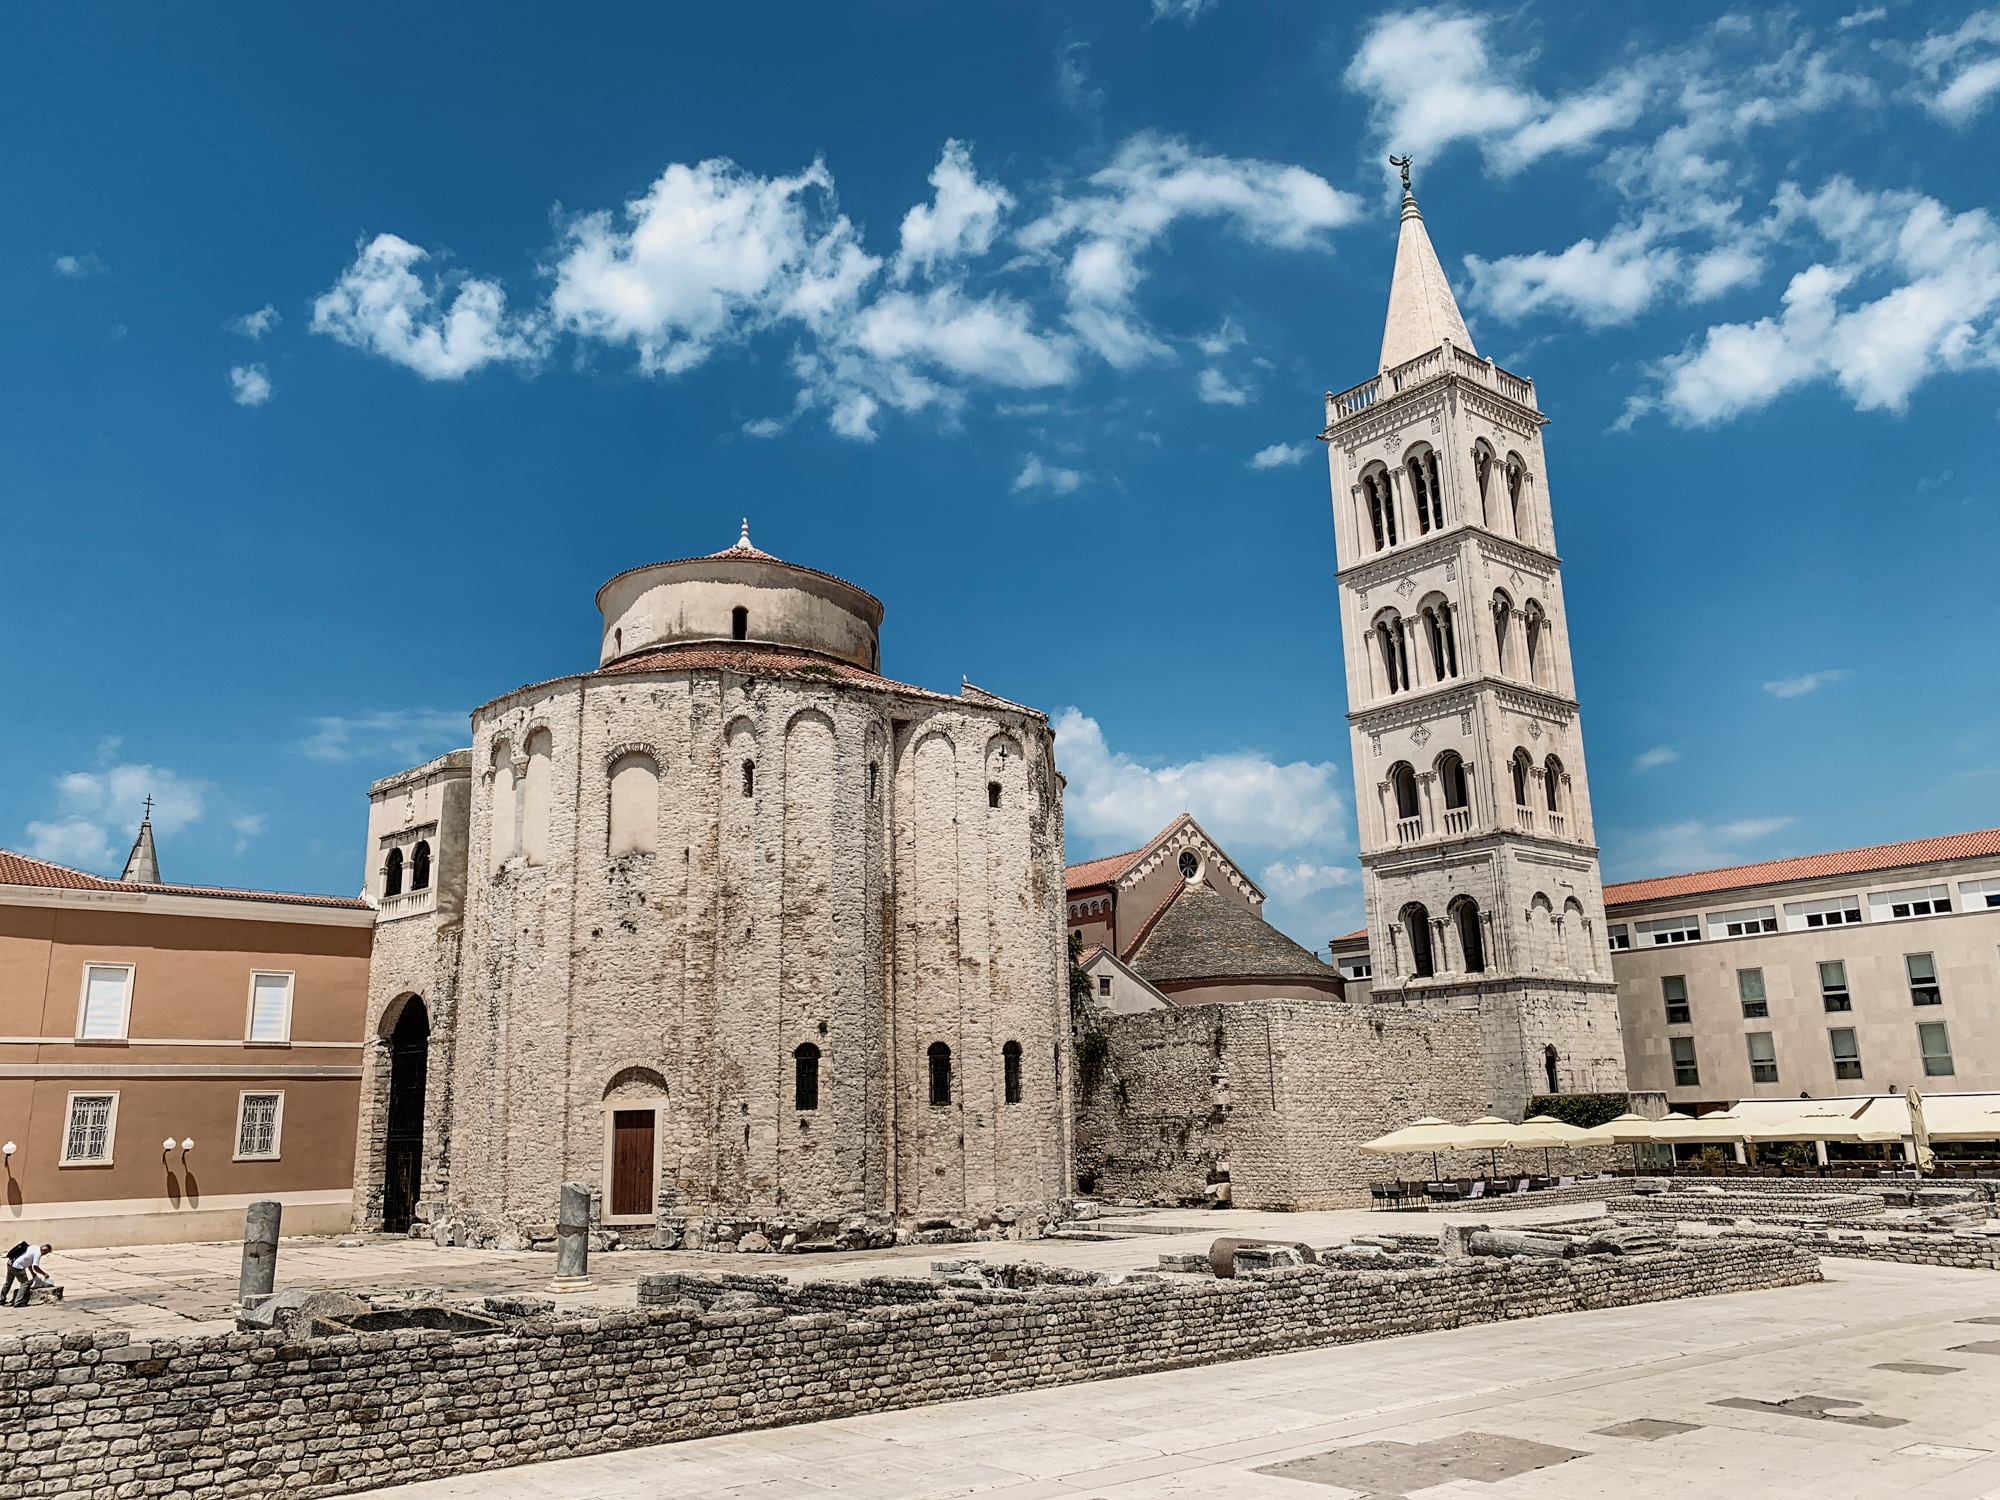 Sv Donat Kirche in Zadar